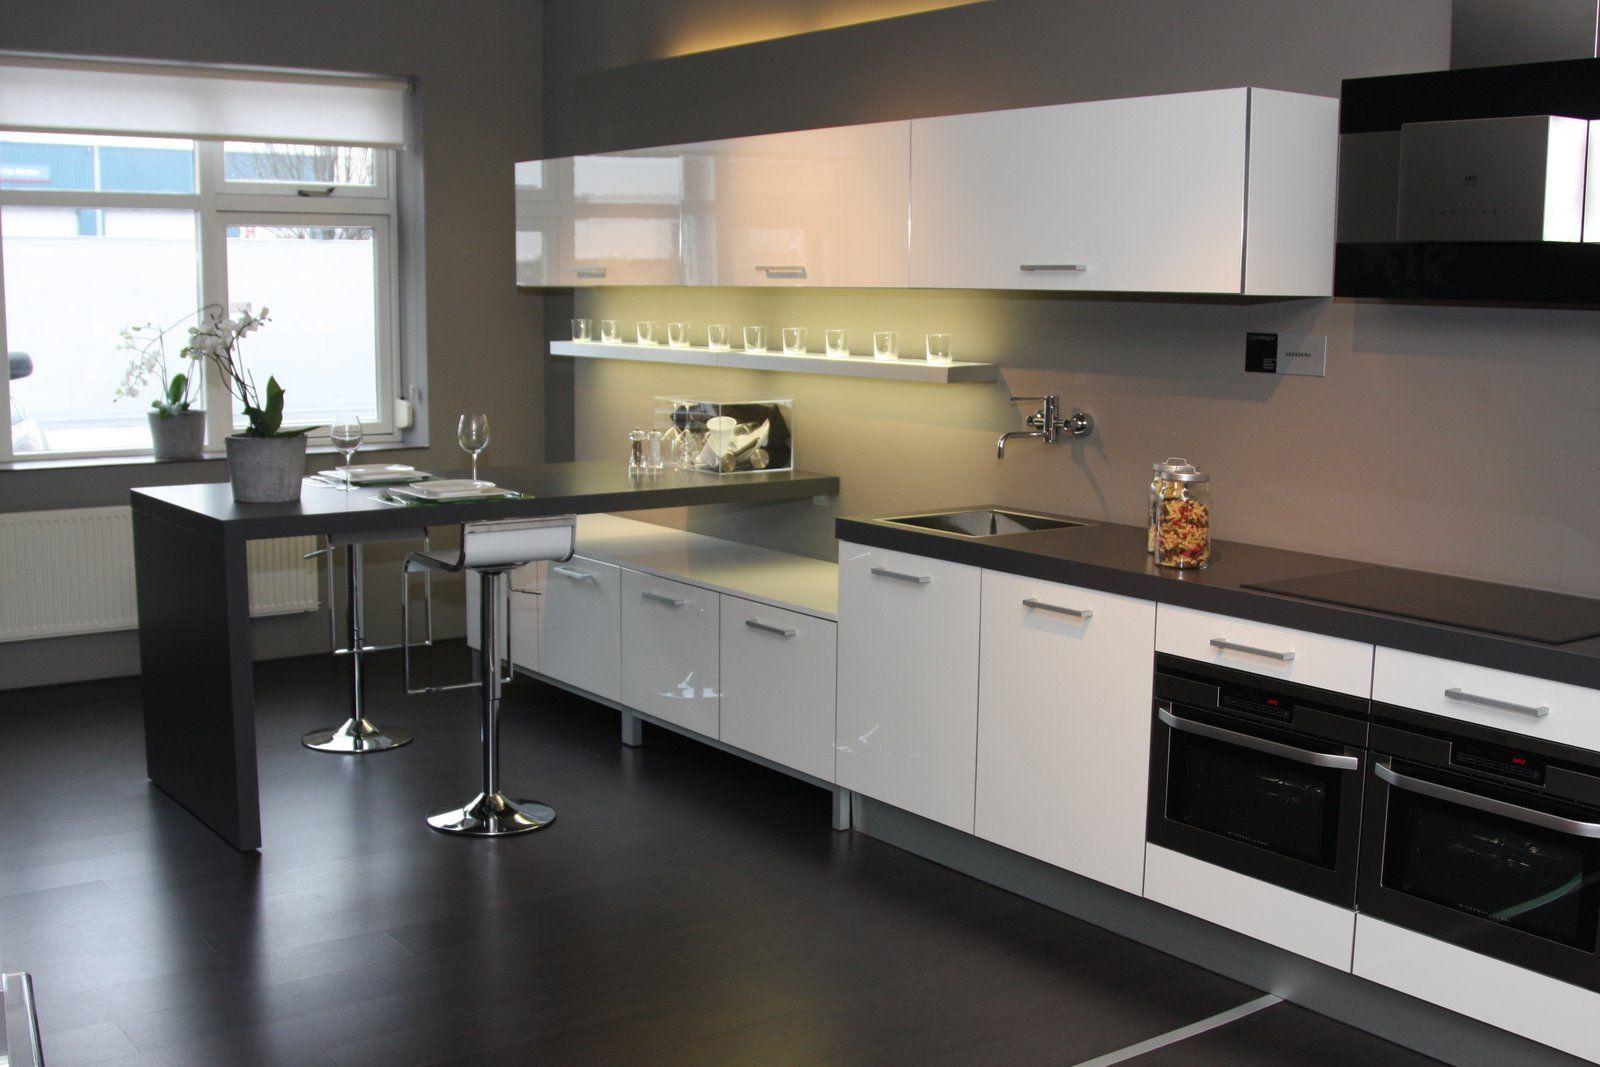 Rechte Keuken Met Bar : keukens voor zeer lage keuken prijzen Comprex Faradero [35031